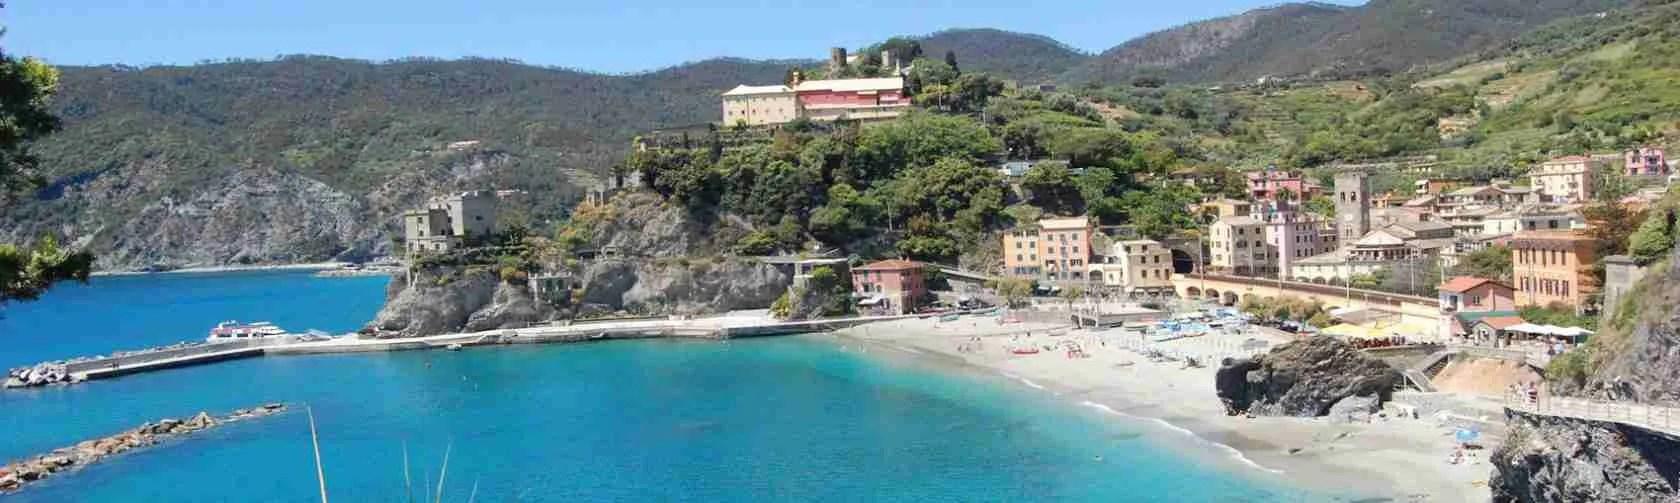 Le Cinque Terre sono il posto perfetto per una vacanza con una escort La Spezia. Magica Escort